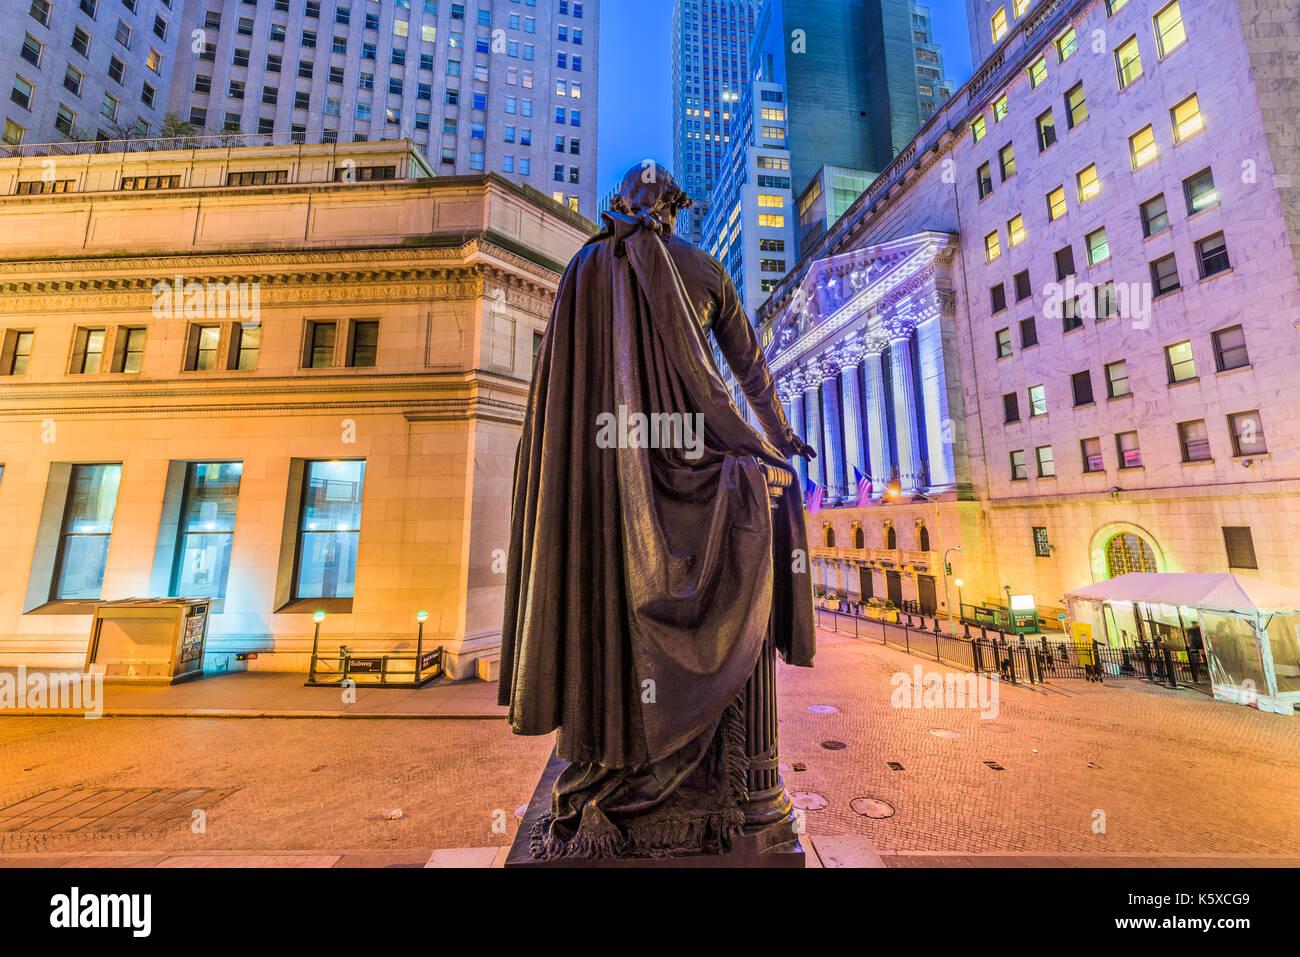 La ciudad de Nueva York, EE.UU. en Wall Street de federal hall, en el Bajo Manhattan. Foto de stock